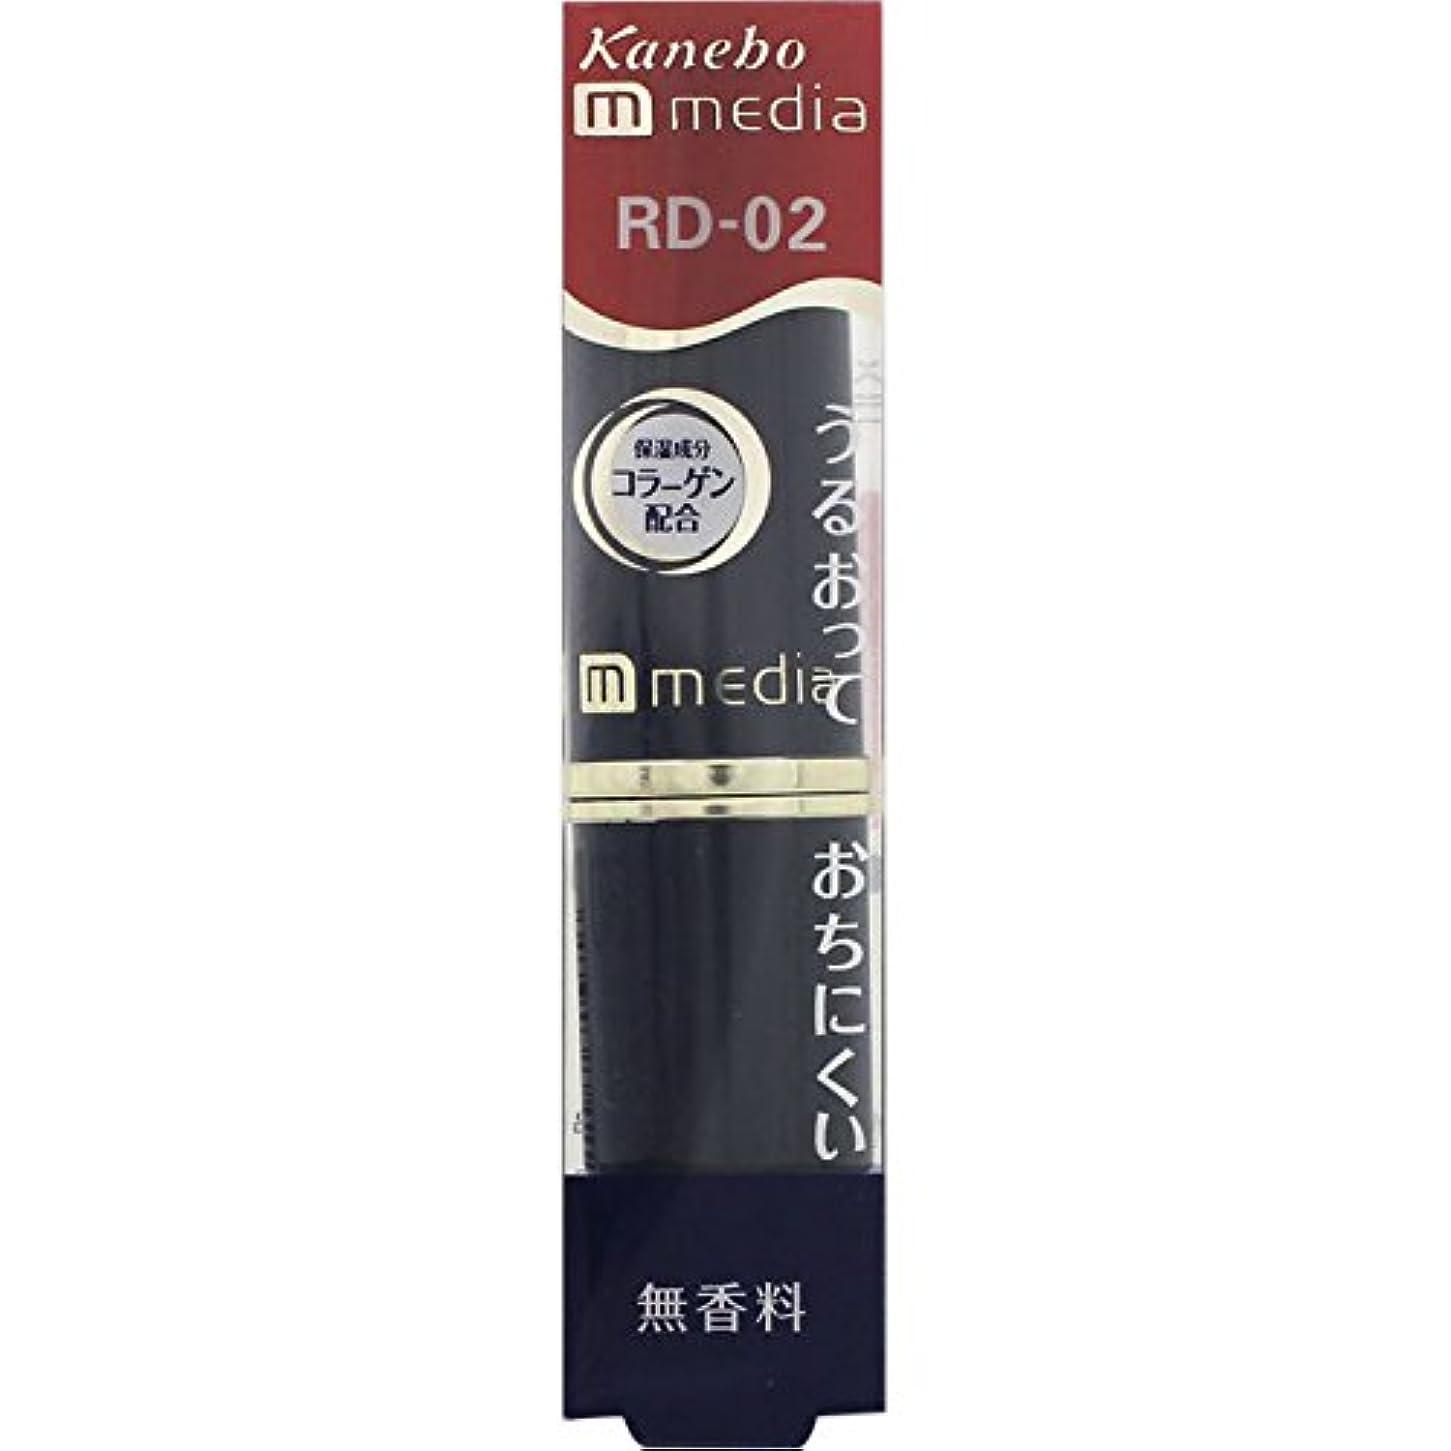 エンドテーブルモバイルジョージエリオットカネボウ メディア(media)クリ-ミィラスティングリツプA カラー:RD-02